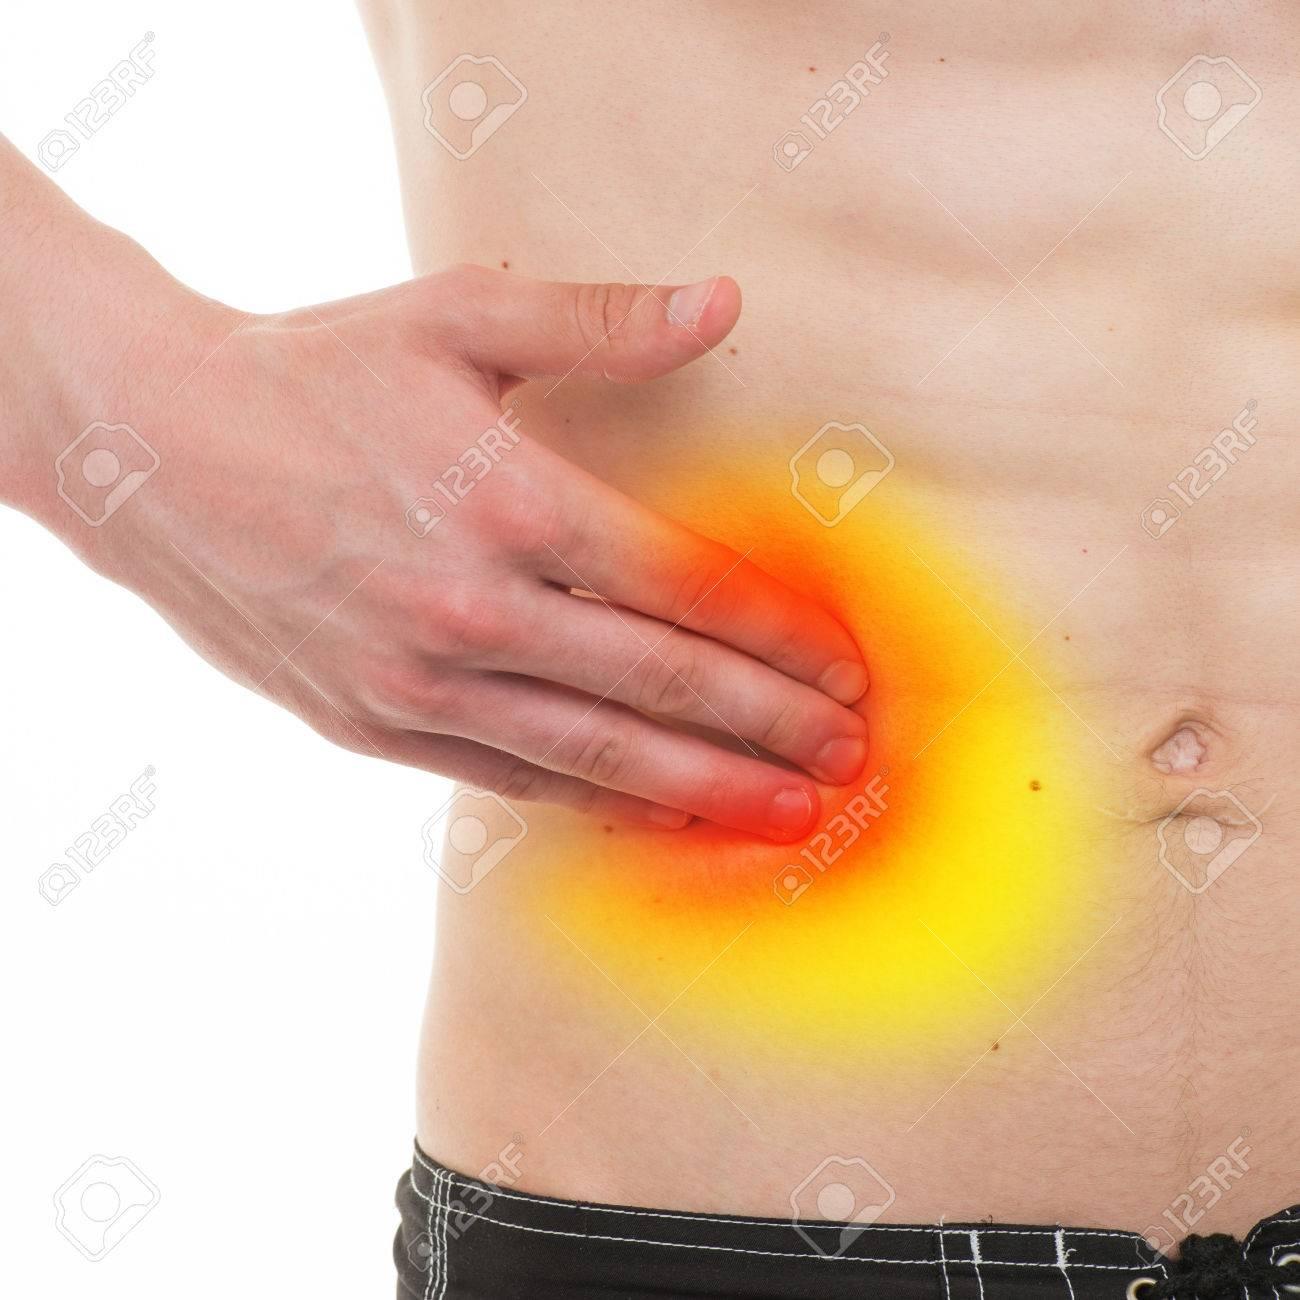 Dolor Abdominal - Anatomía Masculina Lado Derecho Del Dolor Aislado ...